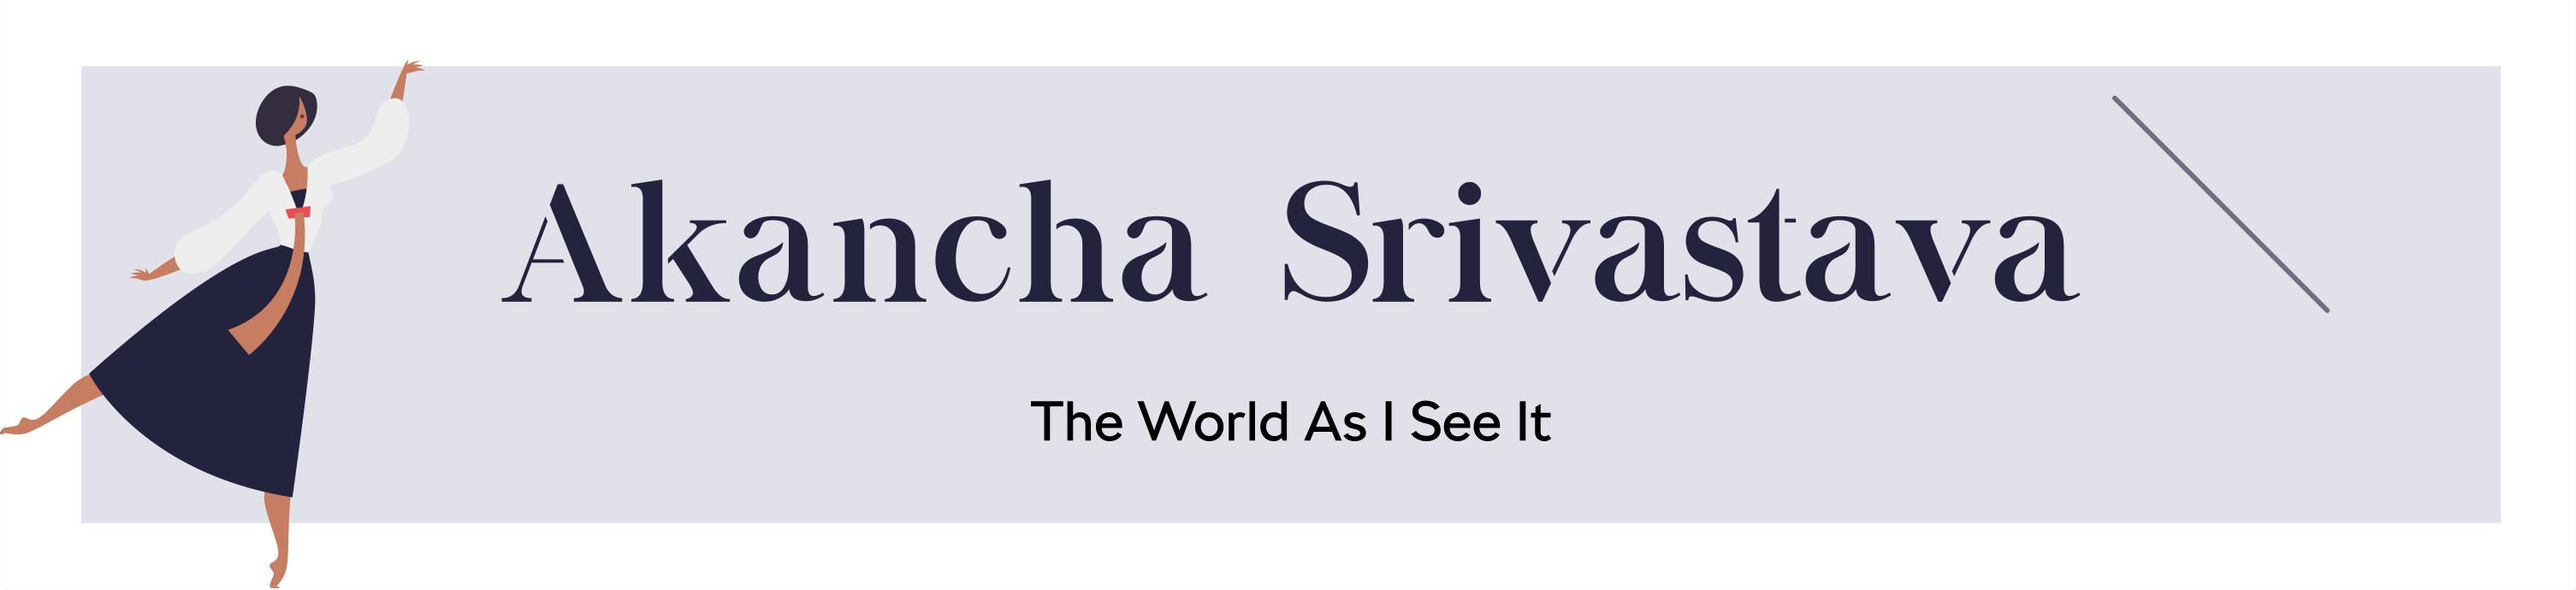 Akancha Srivastava